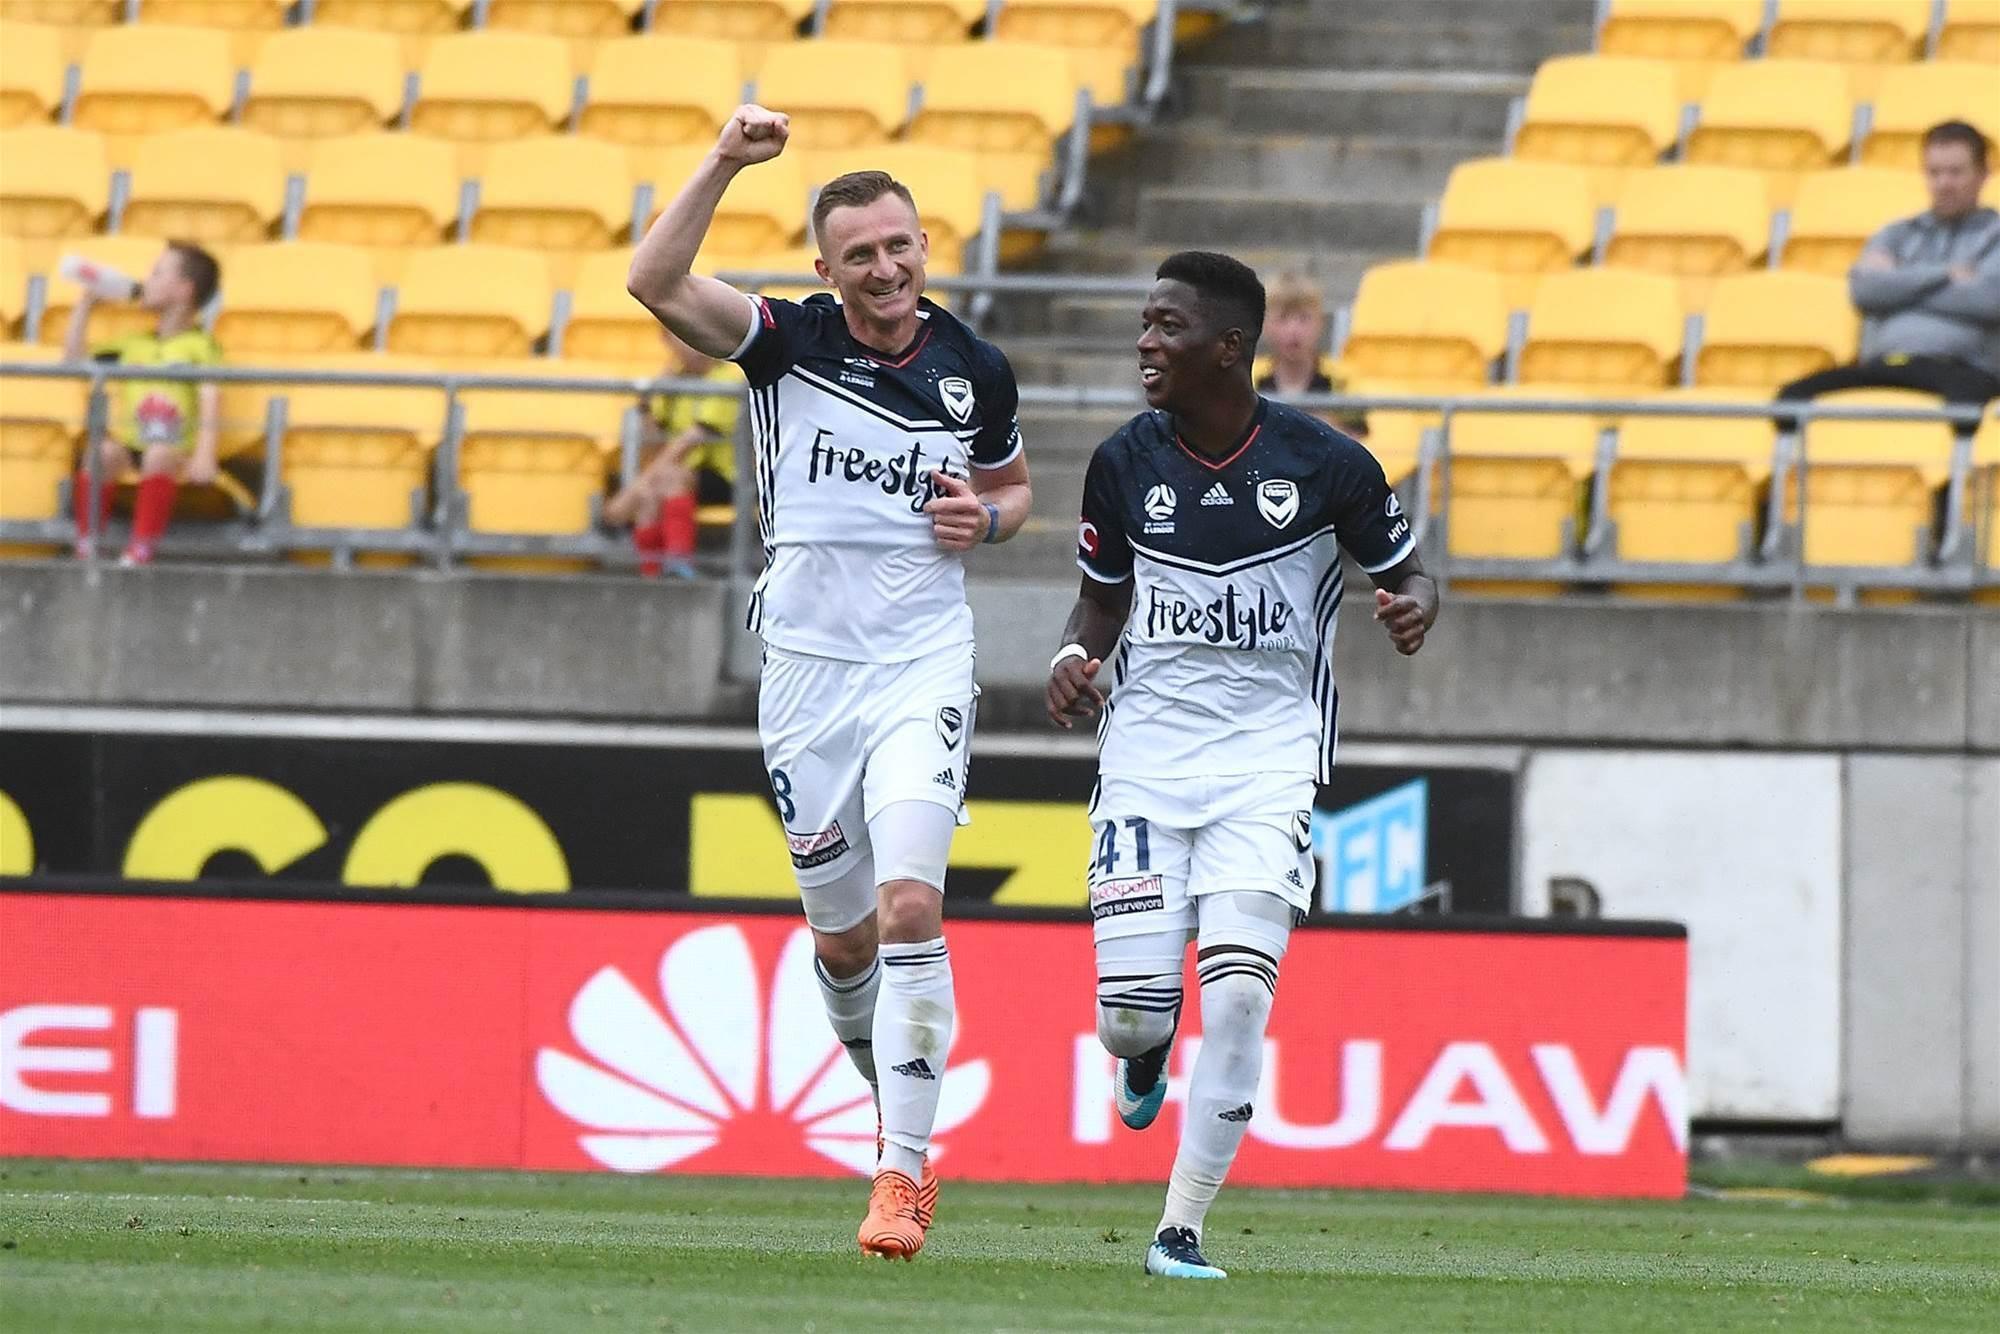 Valeri wants Victory kickstart after Nix win